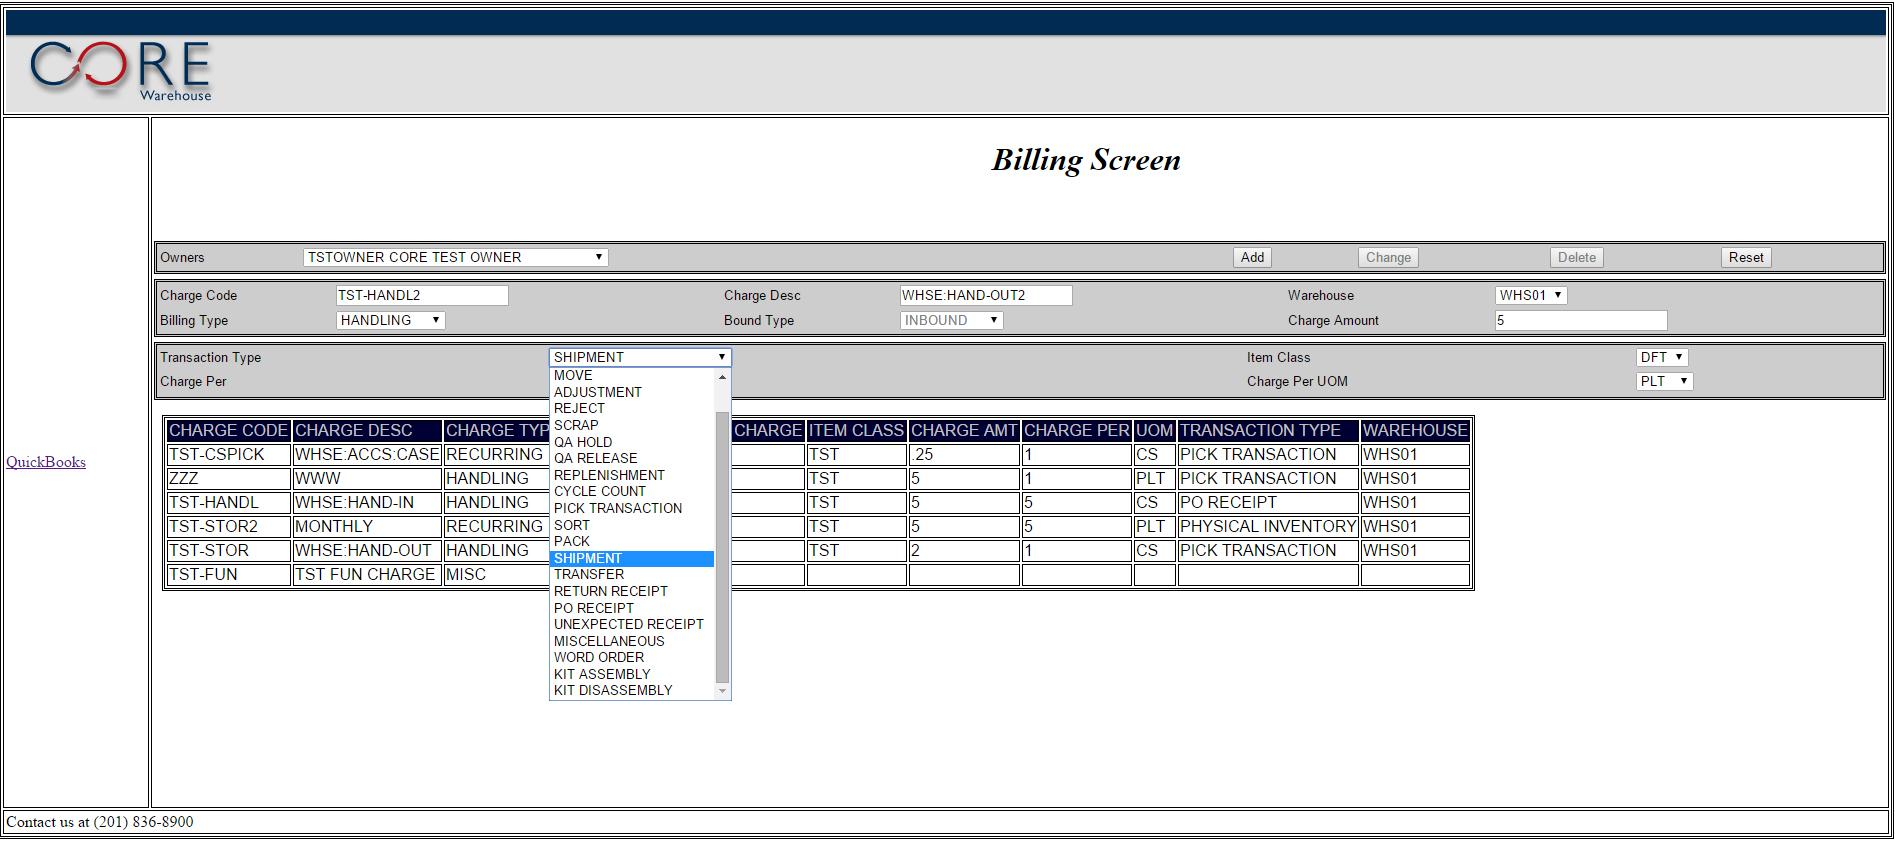 Billing Screen